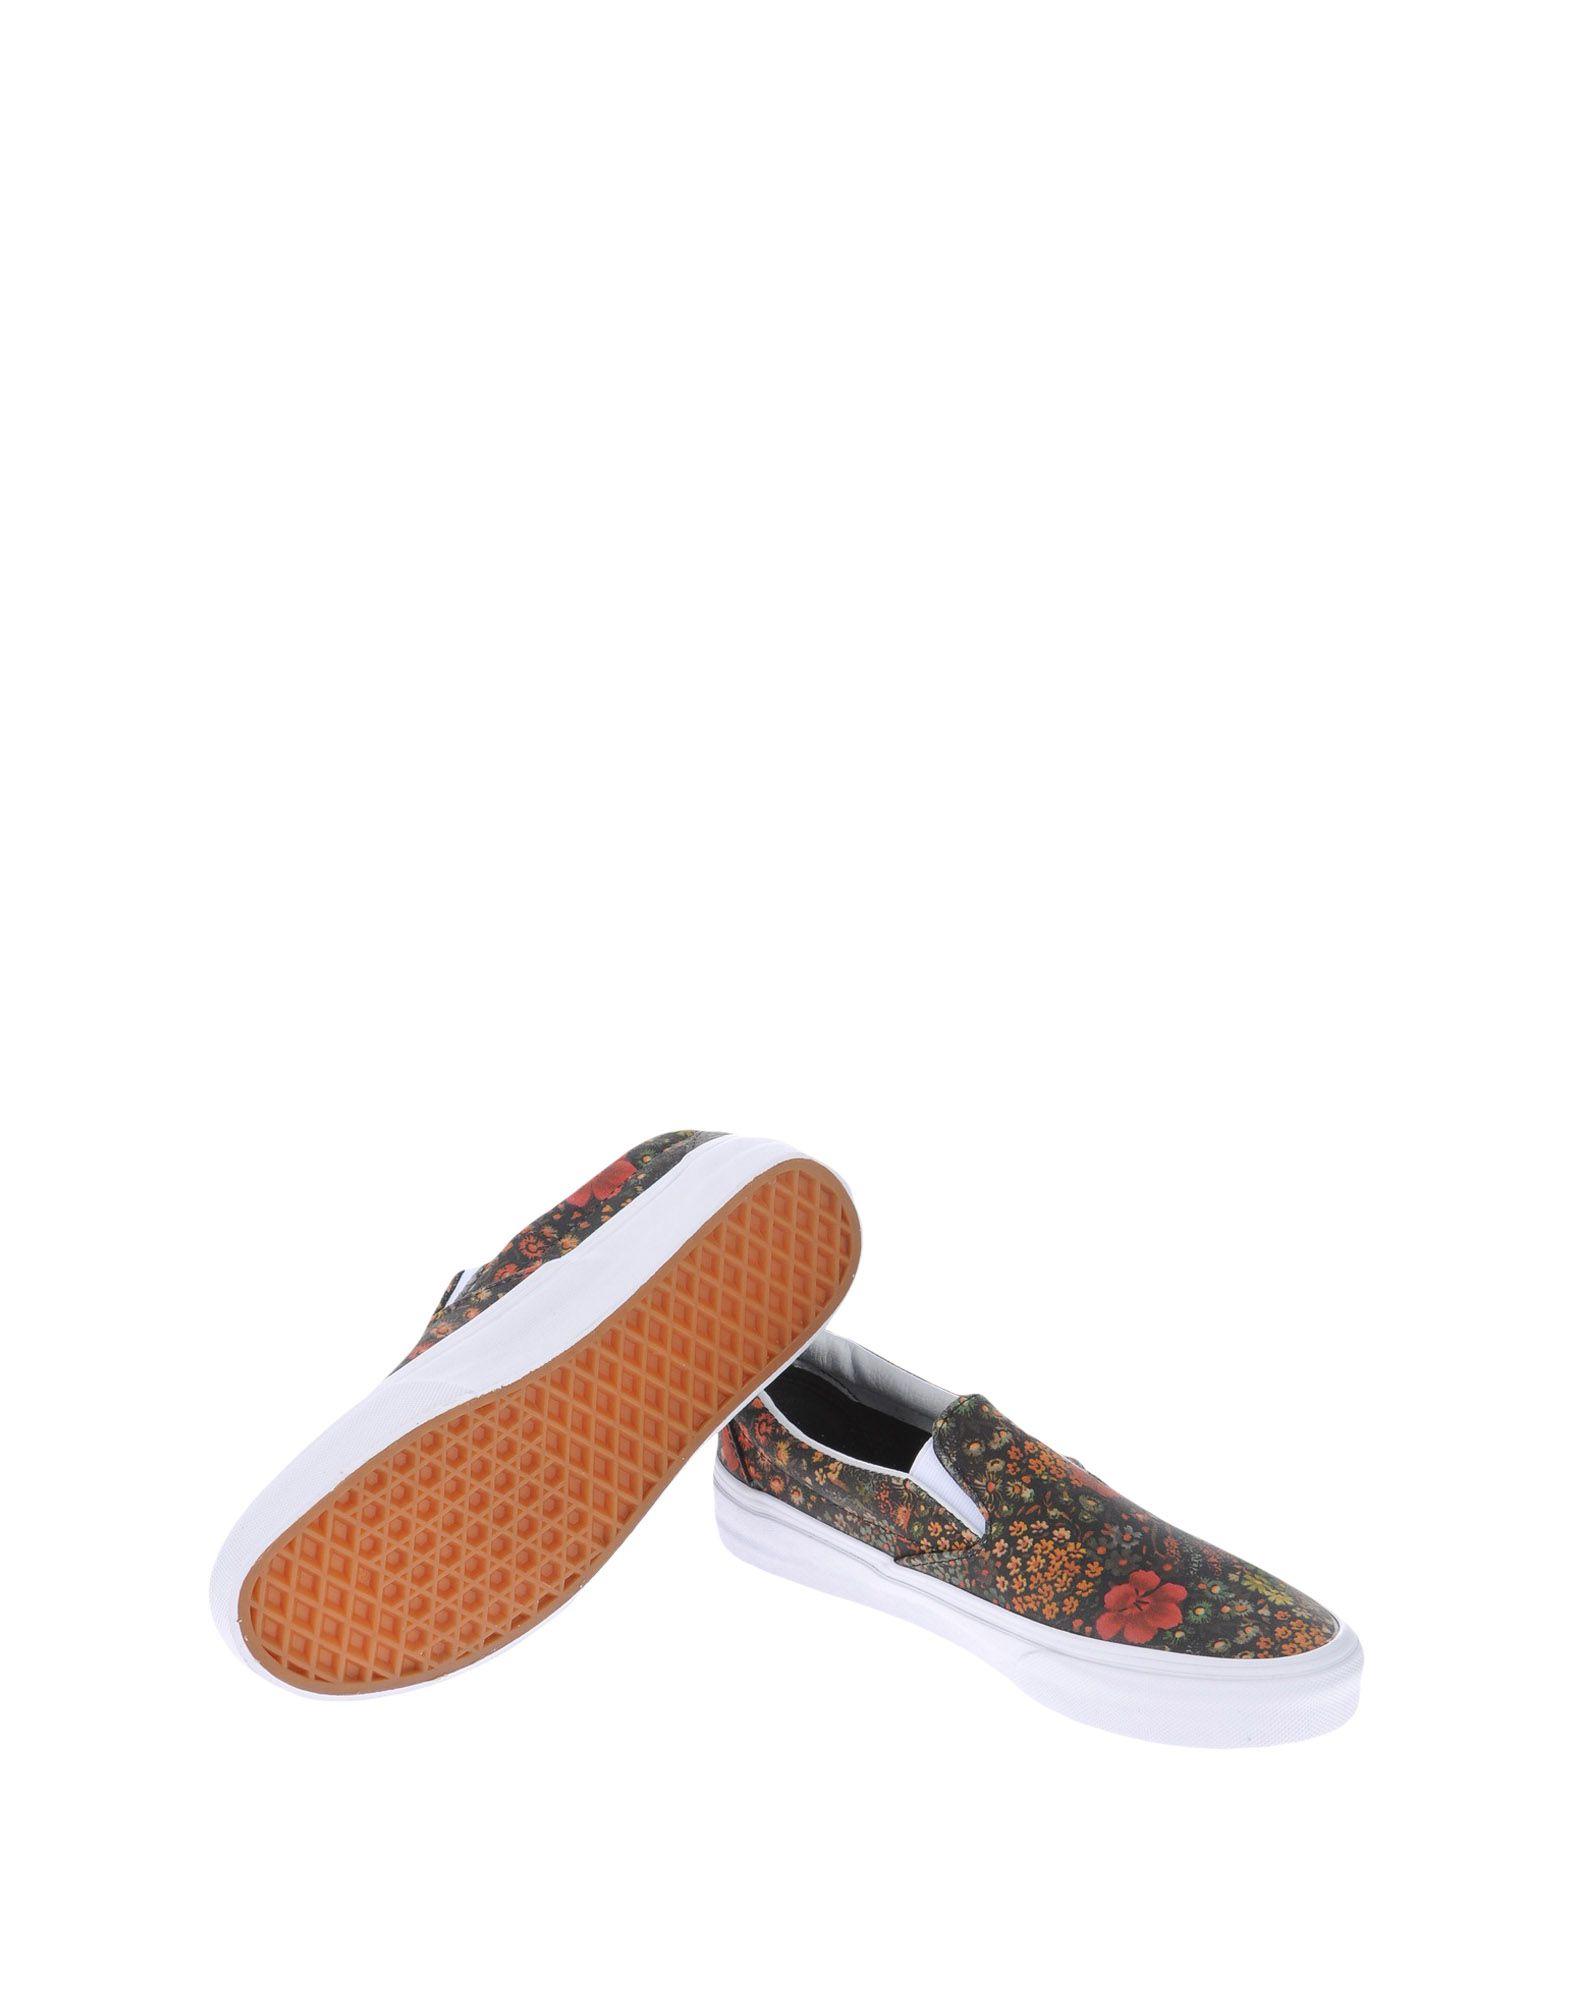 Vans U Classic Slip-On Floral Leather - Sneakers Sneakers - Women Vans Sneakers - online on  Canada - 11139568JG ca8918